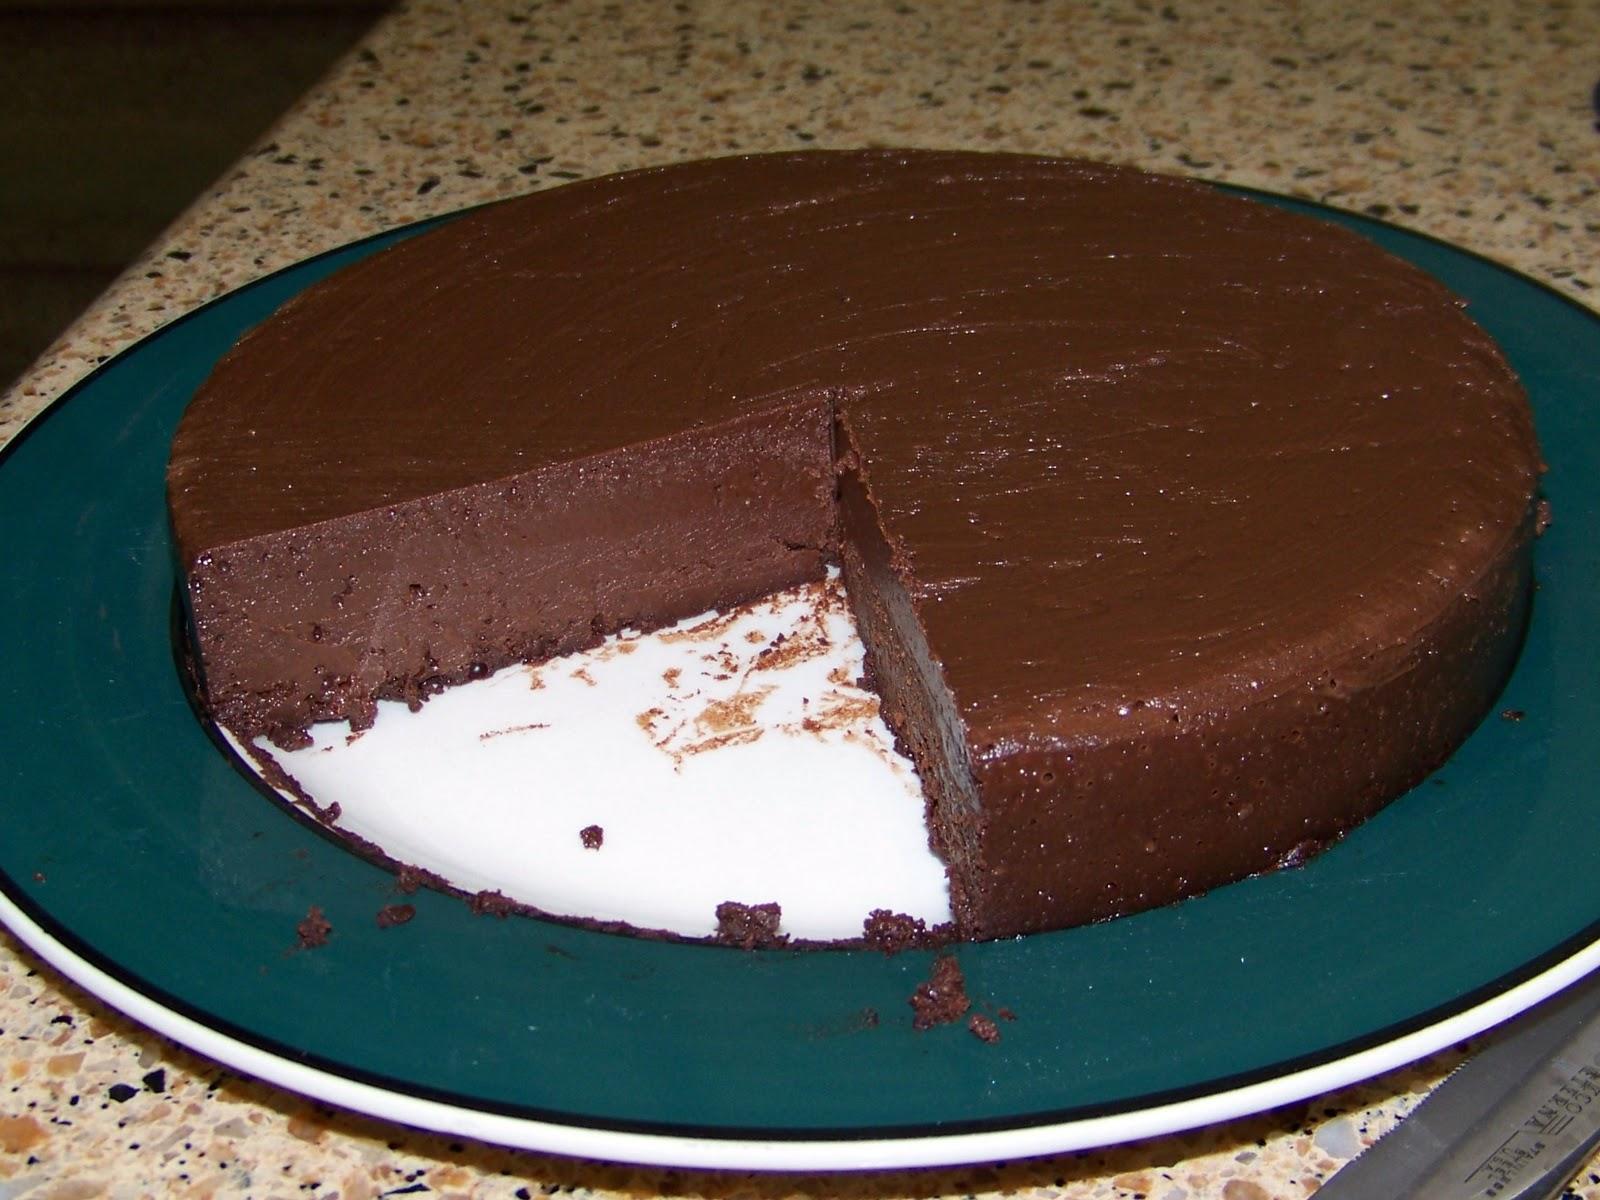 Flourless Sugarless Chocolate Cake